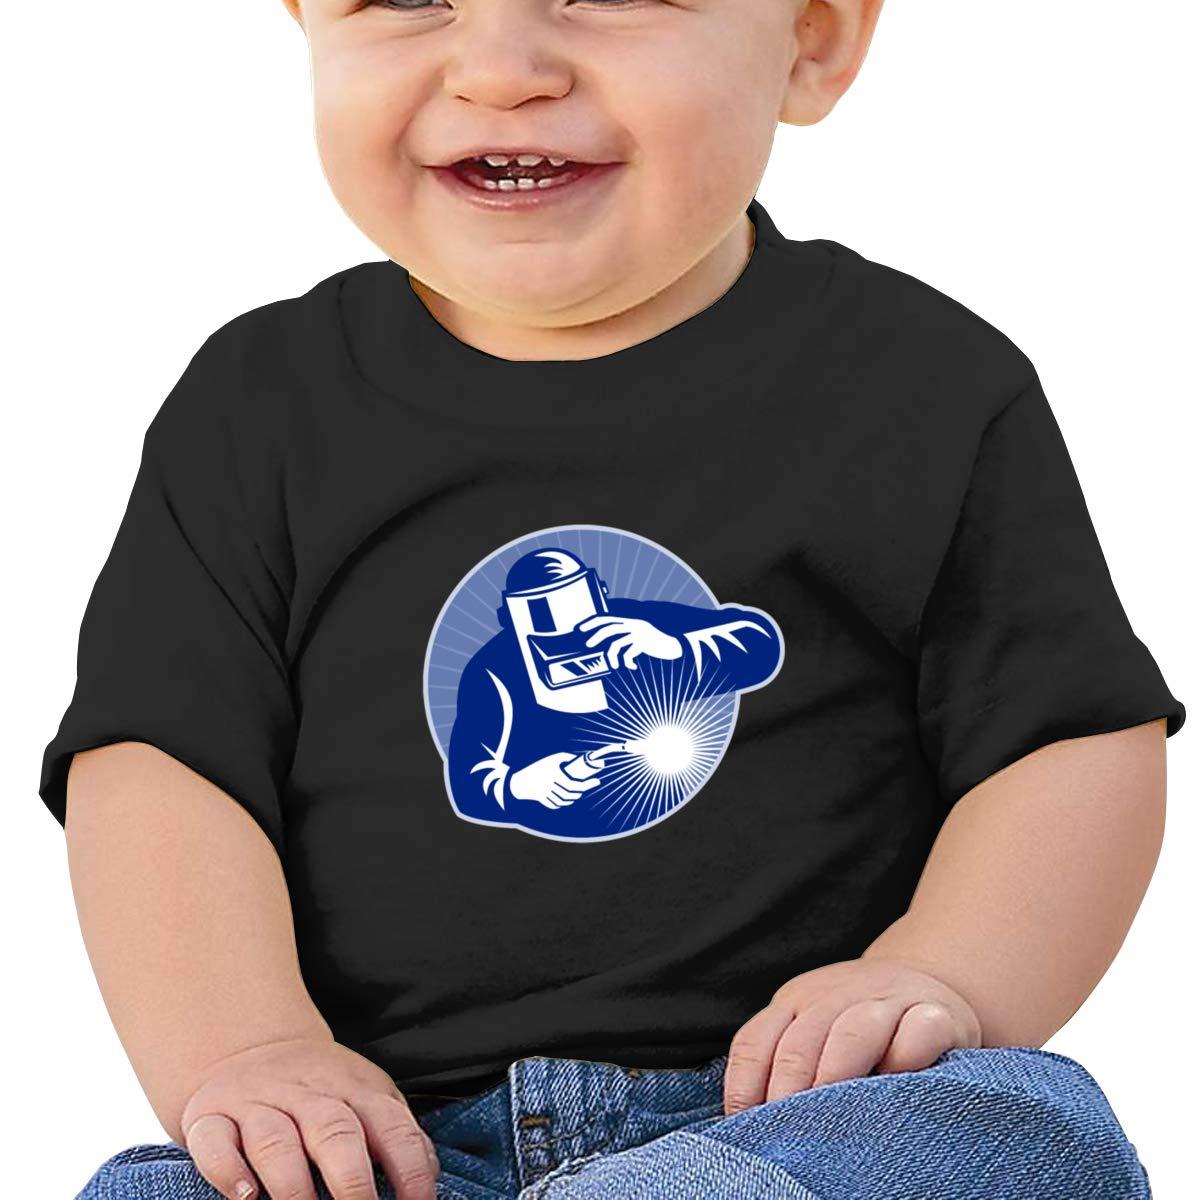 Qiop Nee Blue Welder Welding 1 Short Sleeve Tshirt Baby Girl